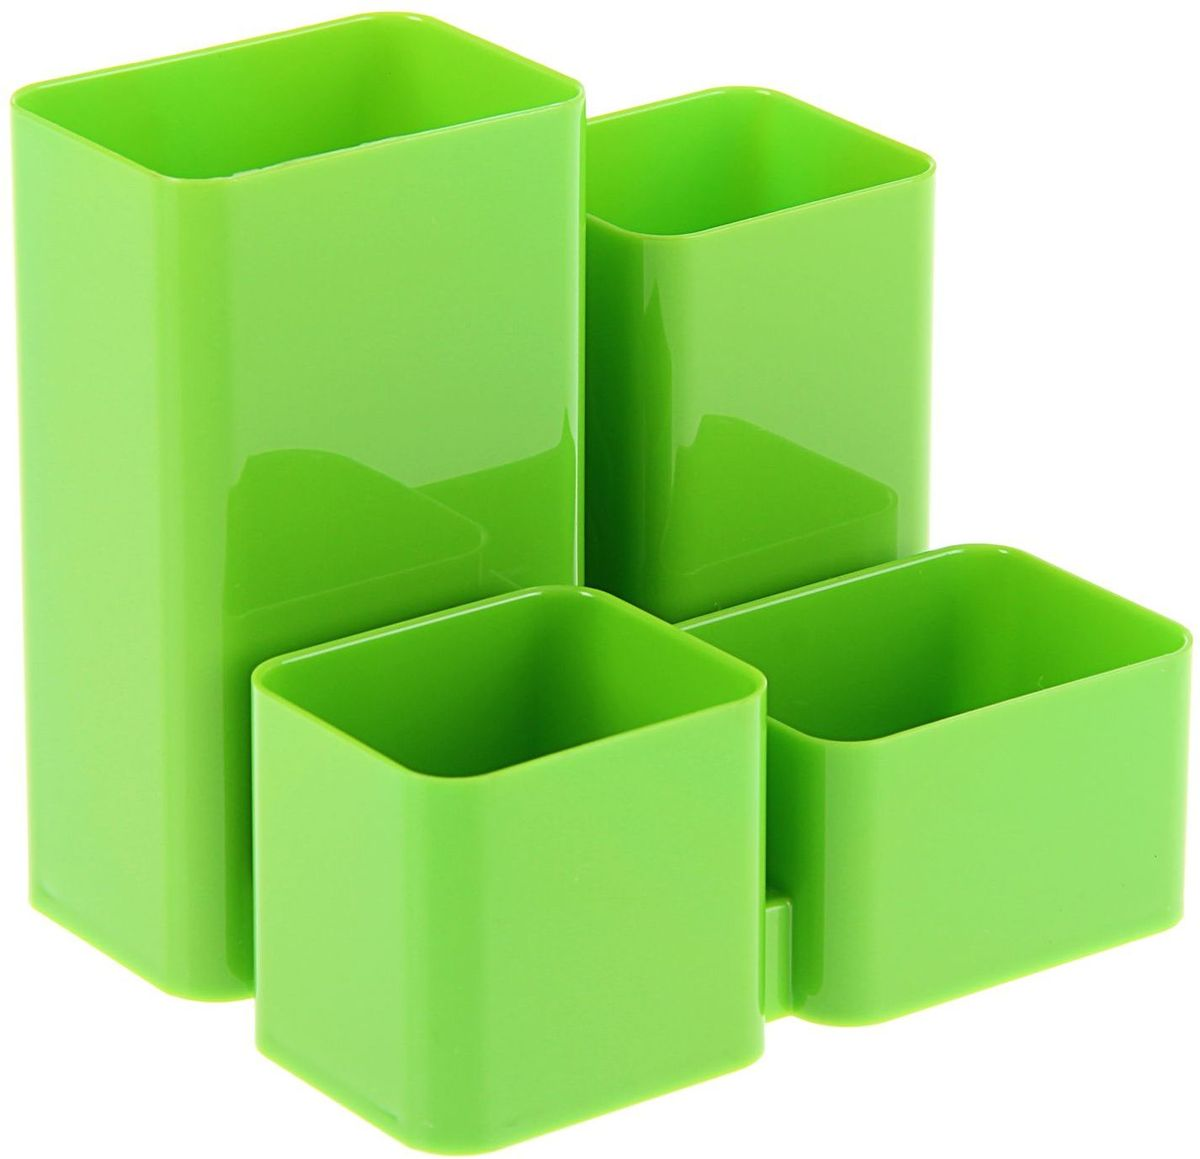 Стамм Органайзер настольный Юниор цвет зеленый